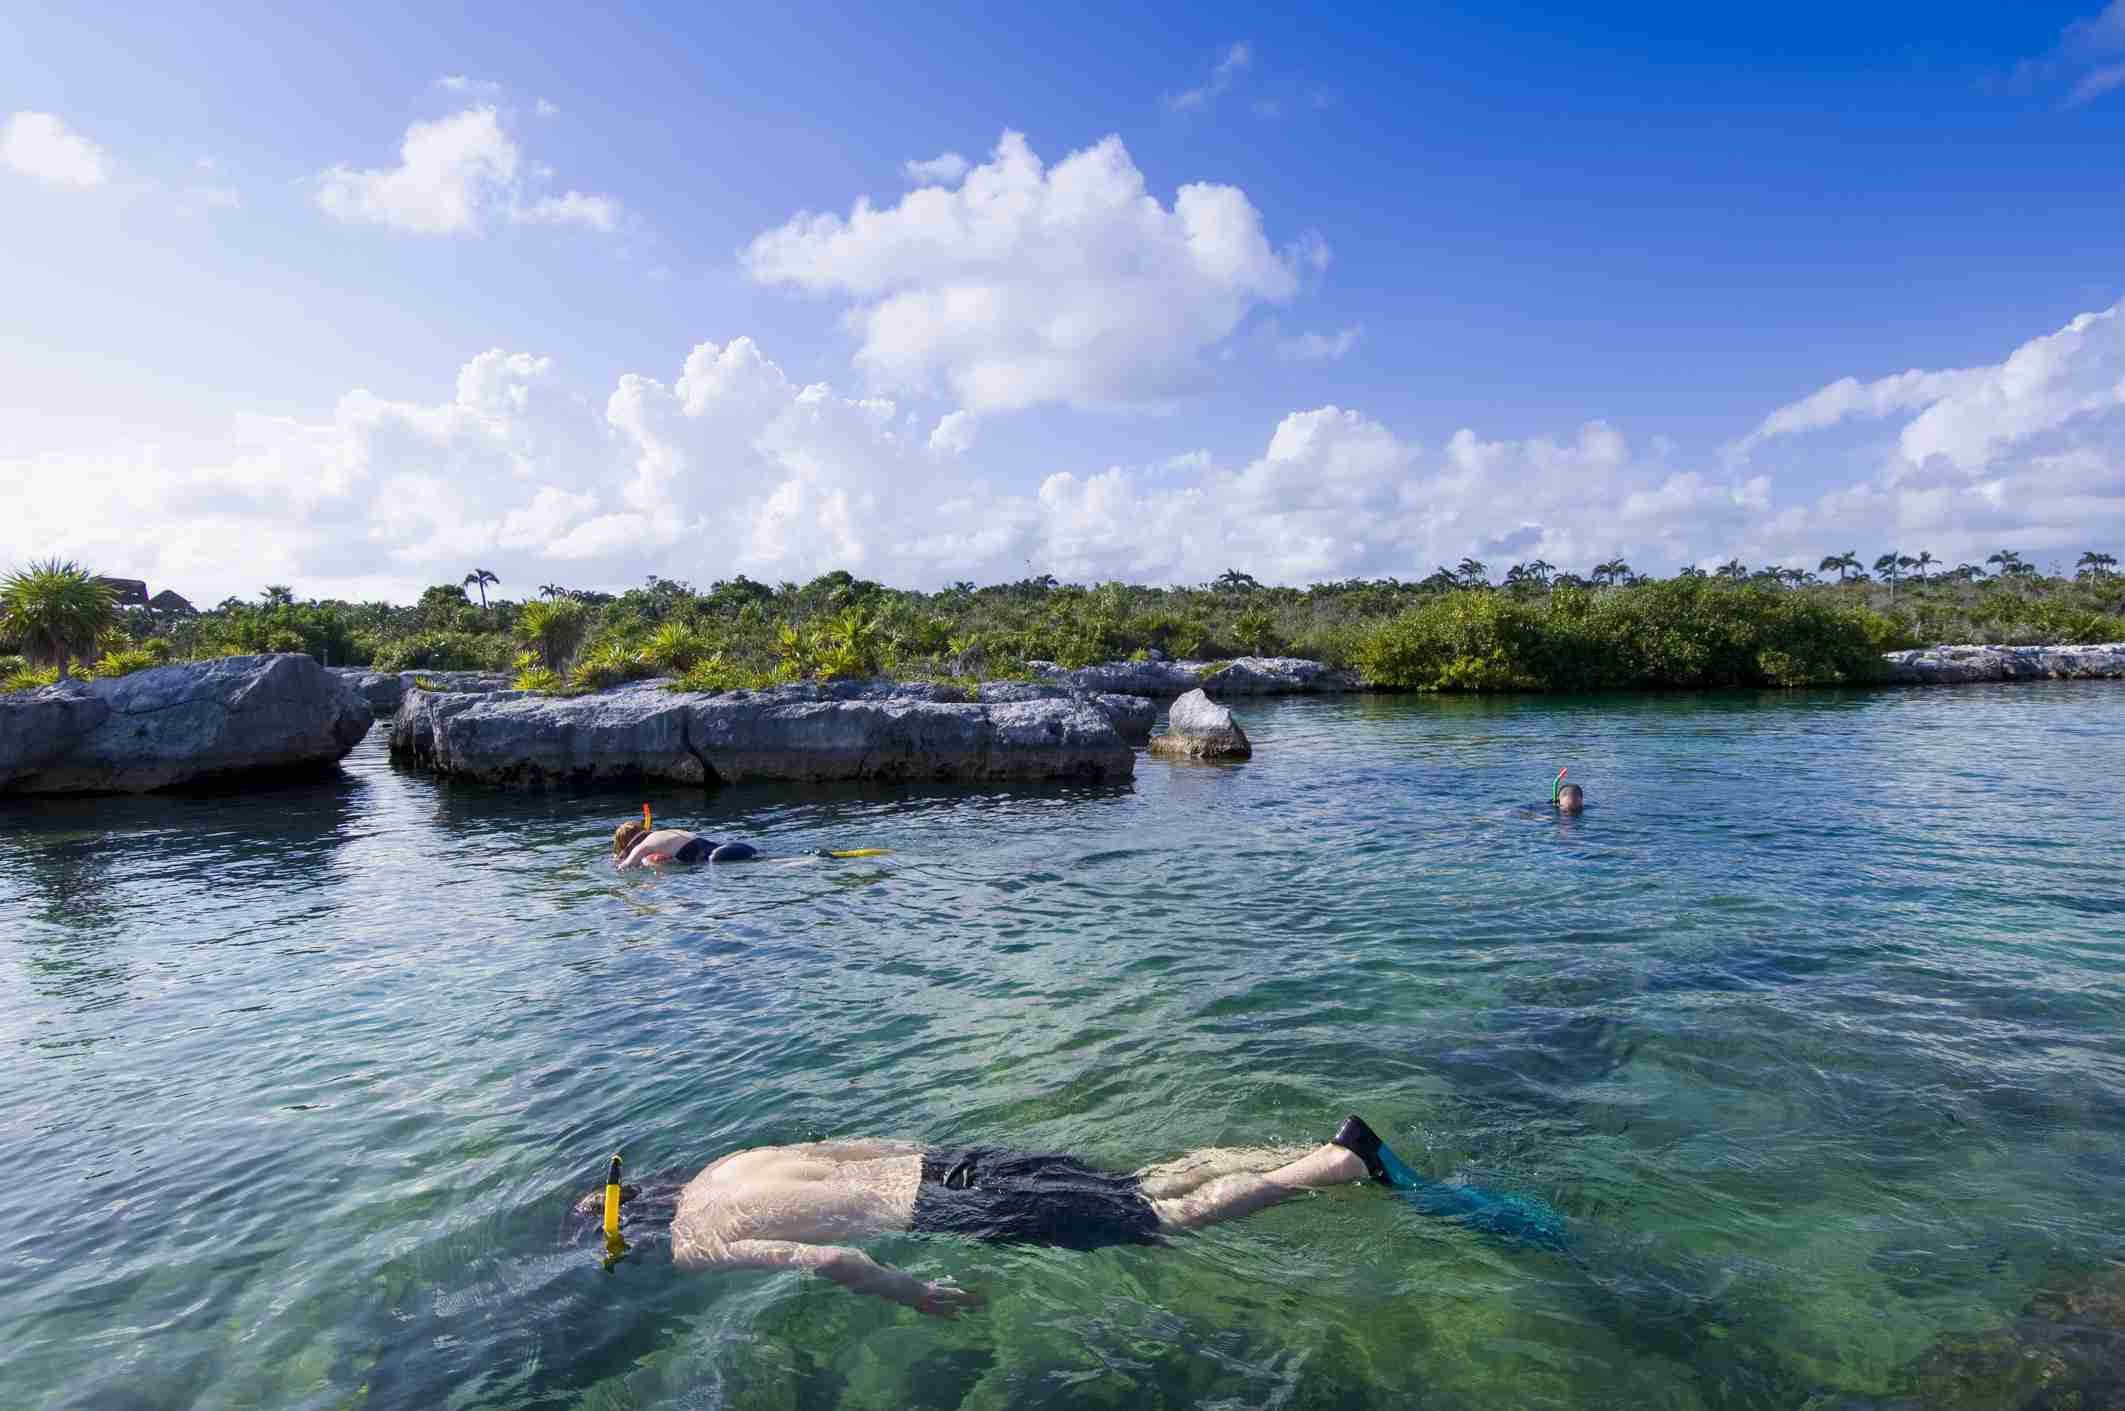 Yal-ku Lagoon, Akumal, Quintana Roo, Mexico